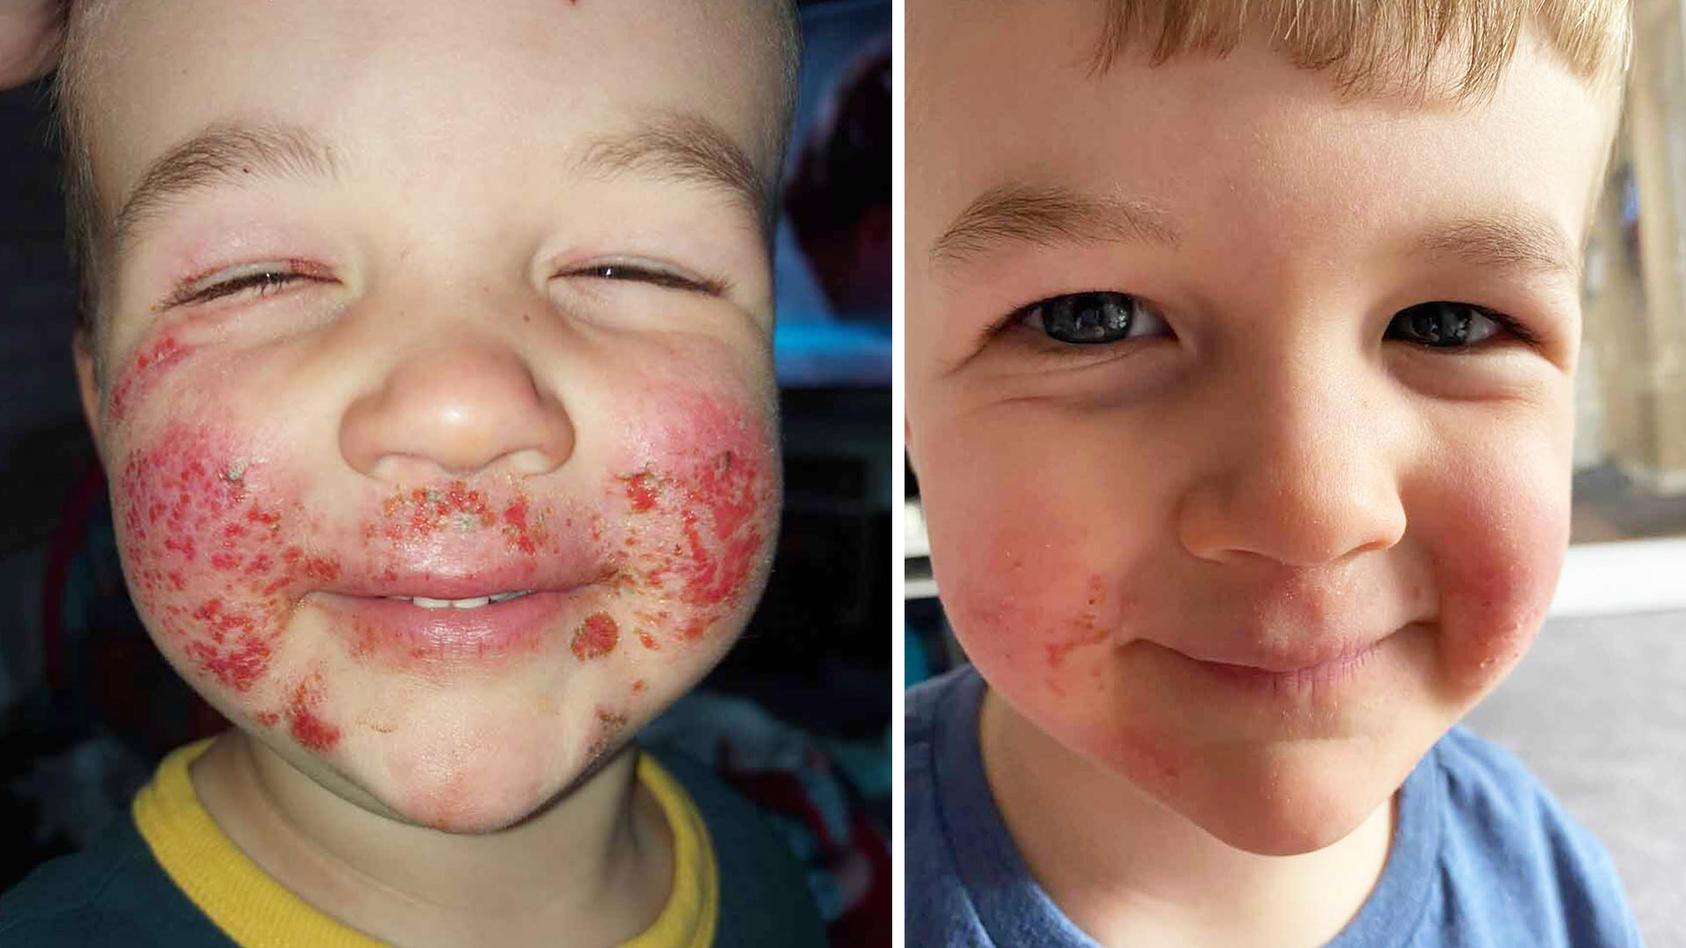 Arlyn aus Schottland bekam im Alter von 15 Monaten schlimme Ekzeme im Gesicht.